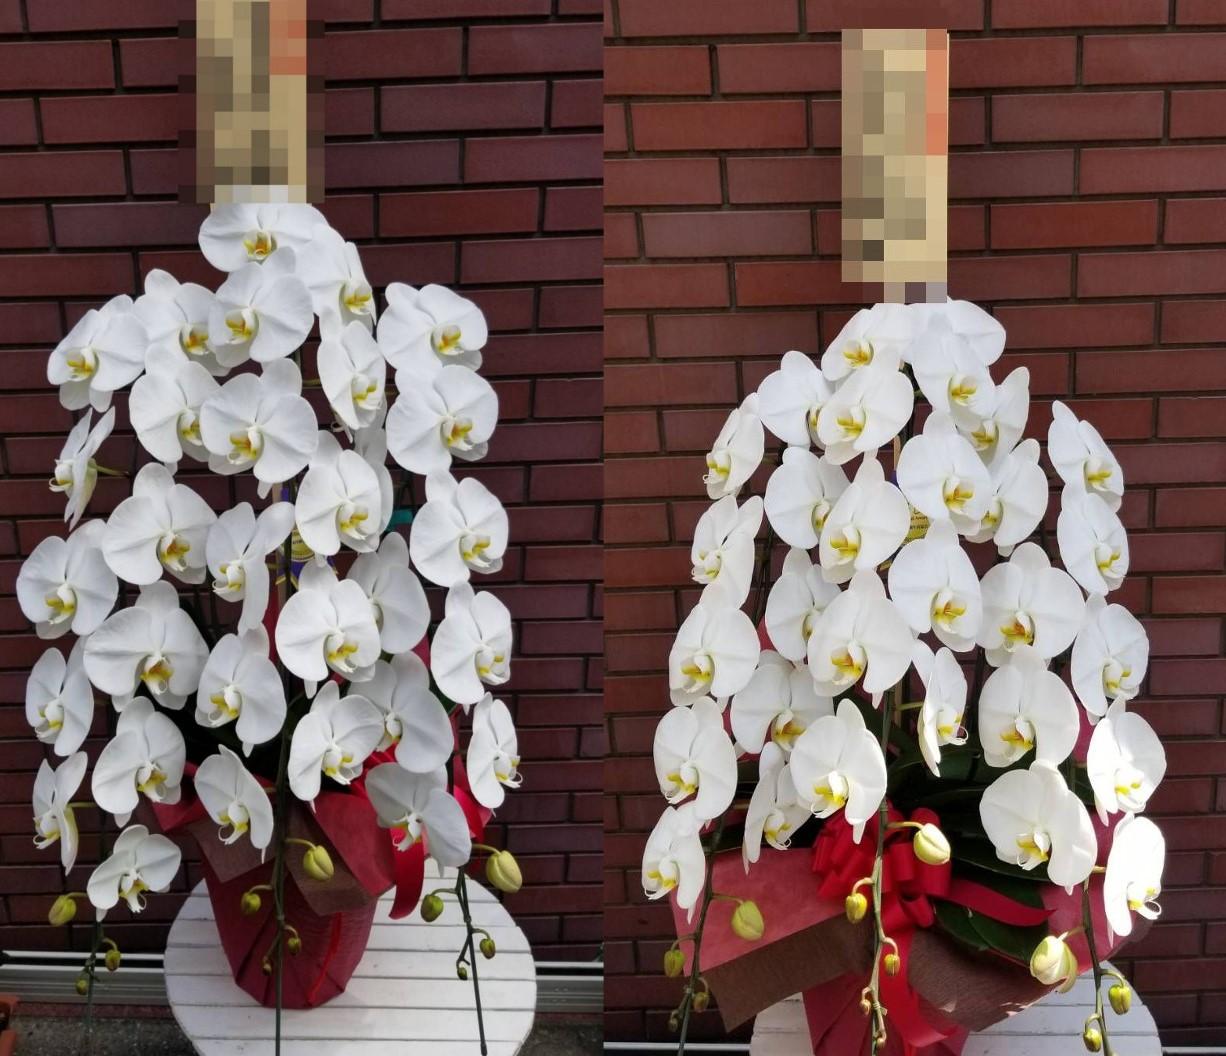 【ナオ花屋の納品事例71】東京都日本橋の法人企業様へ胡蝶蘭を配達しました!